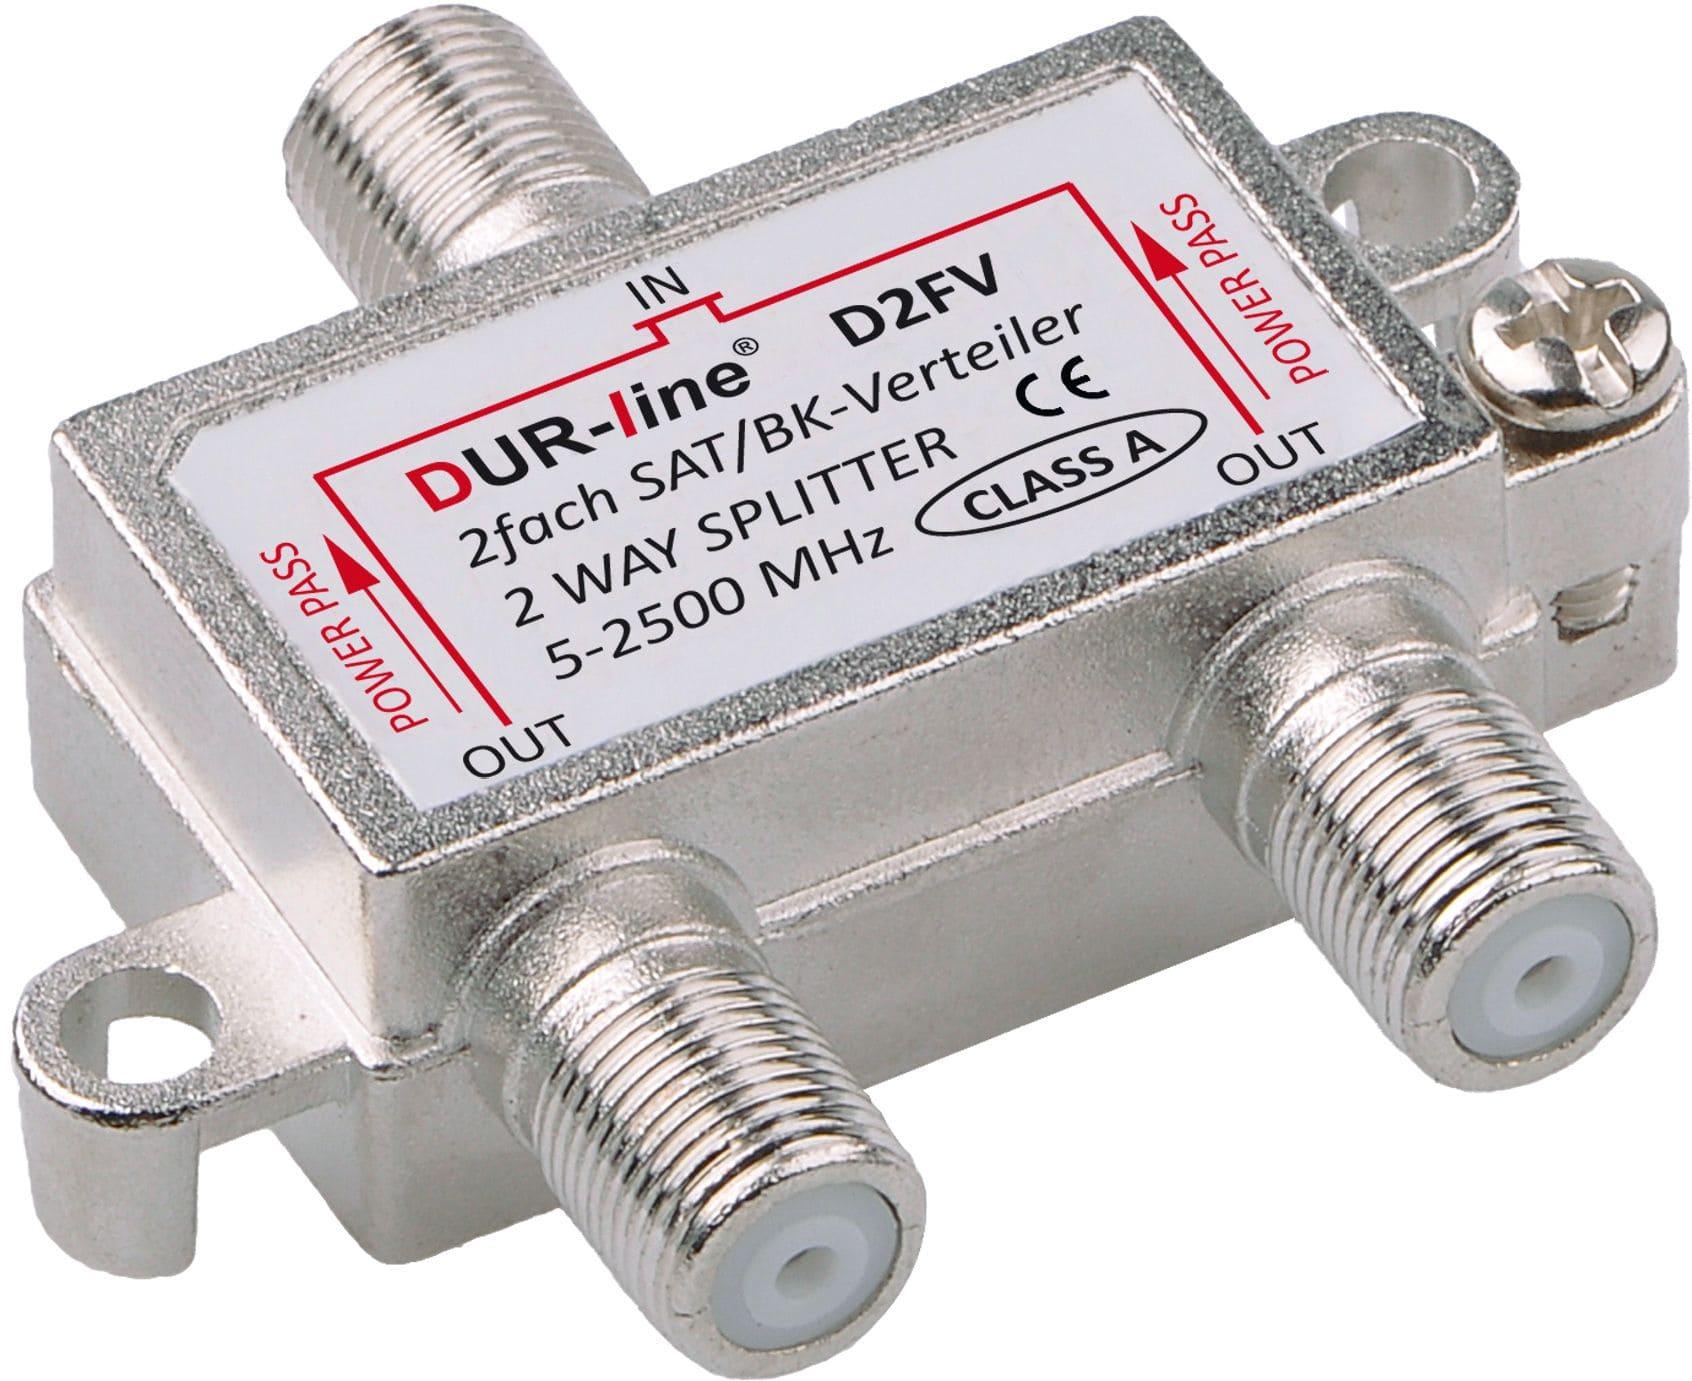 DuraSat BK/SAT-Verteiler 2Fach DUR-line D2FV 5-2500 MHz mit DC-Durchlass